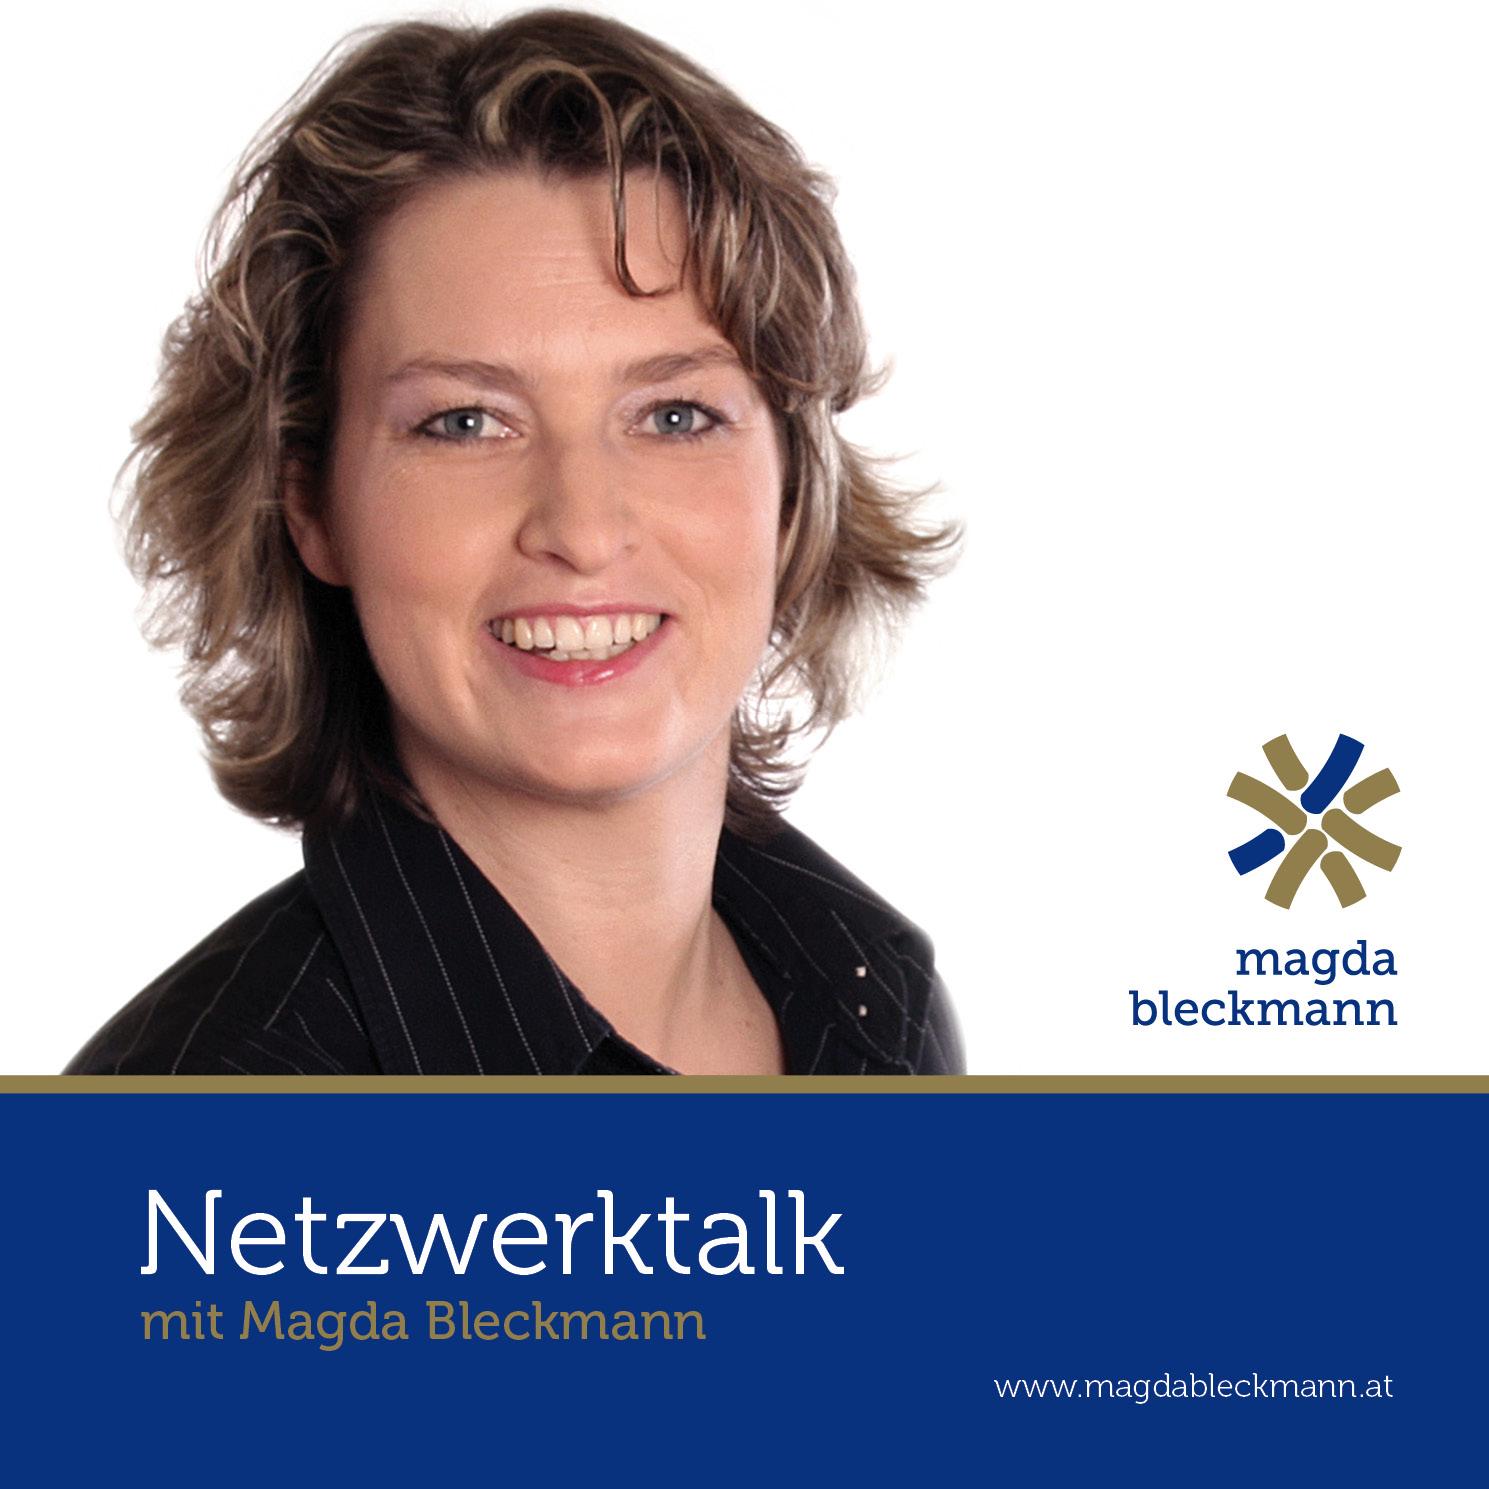 Netzwerktalk mit Magda Bleckmann